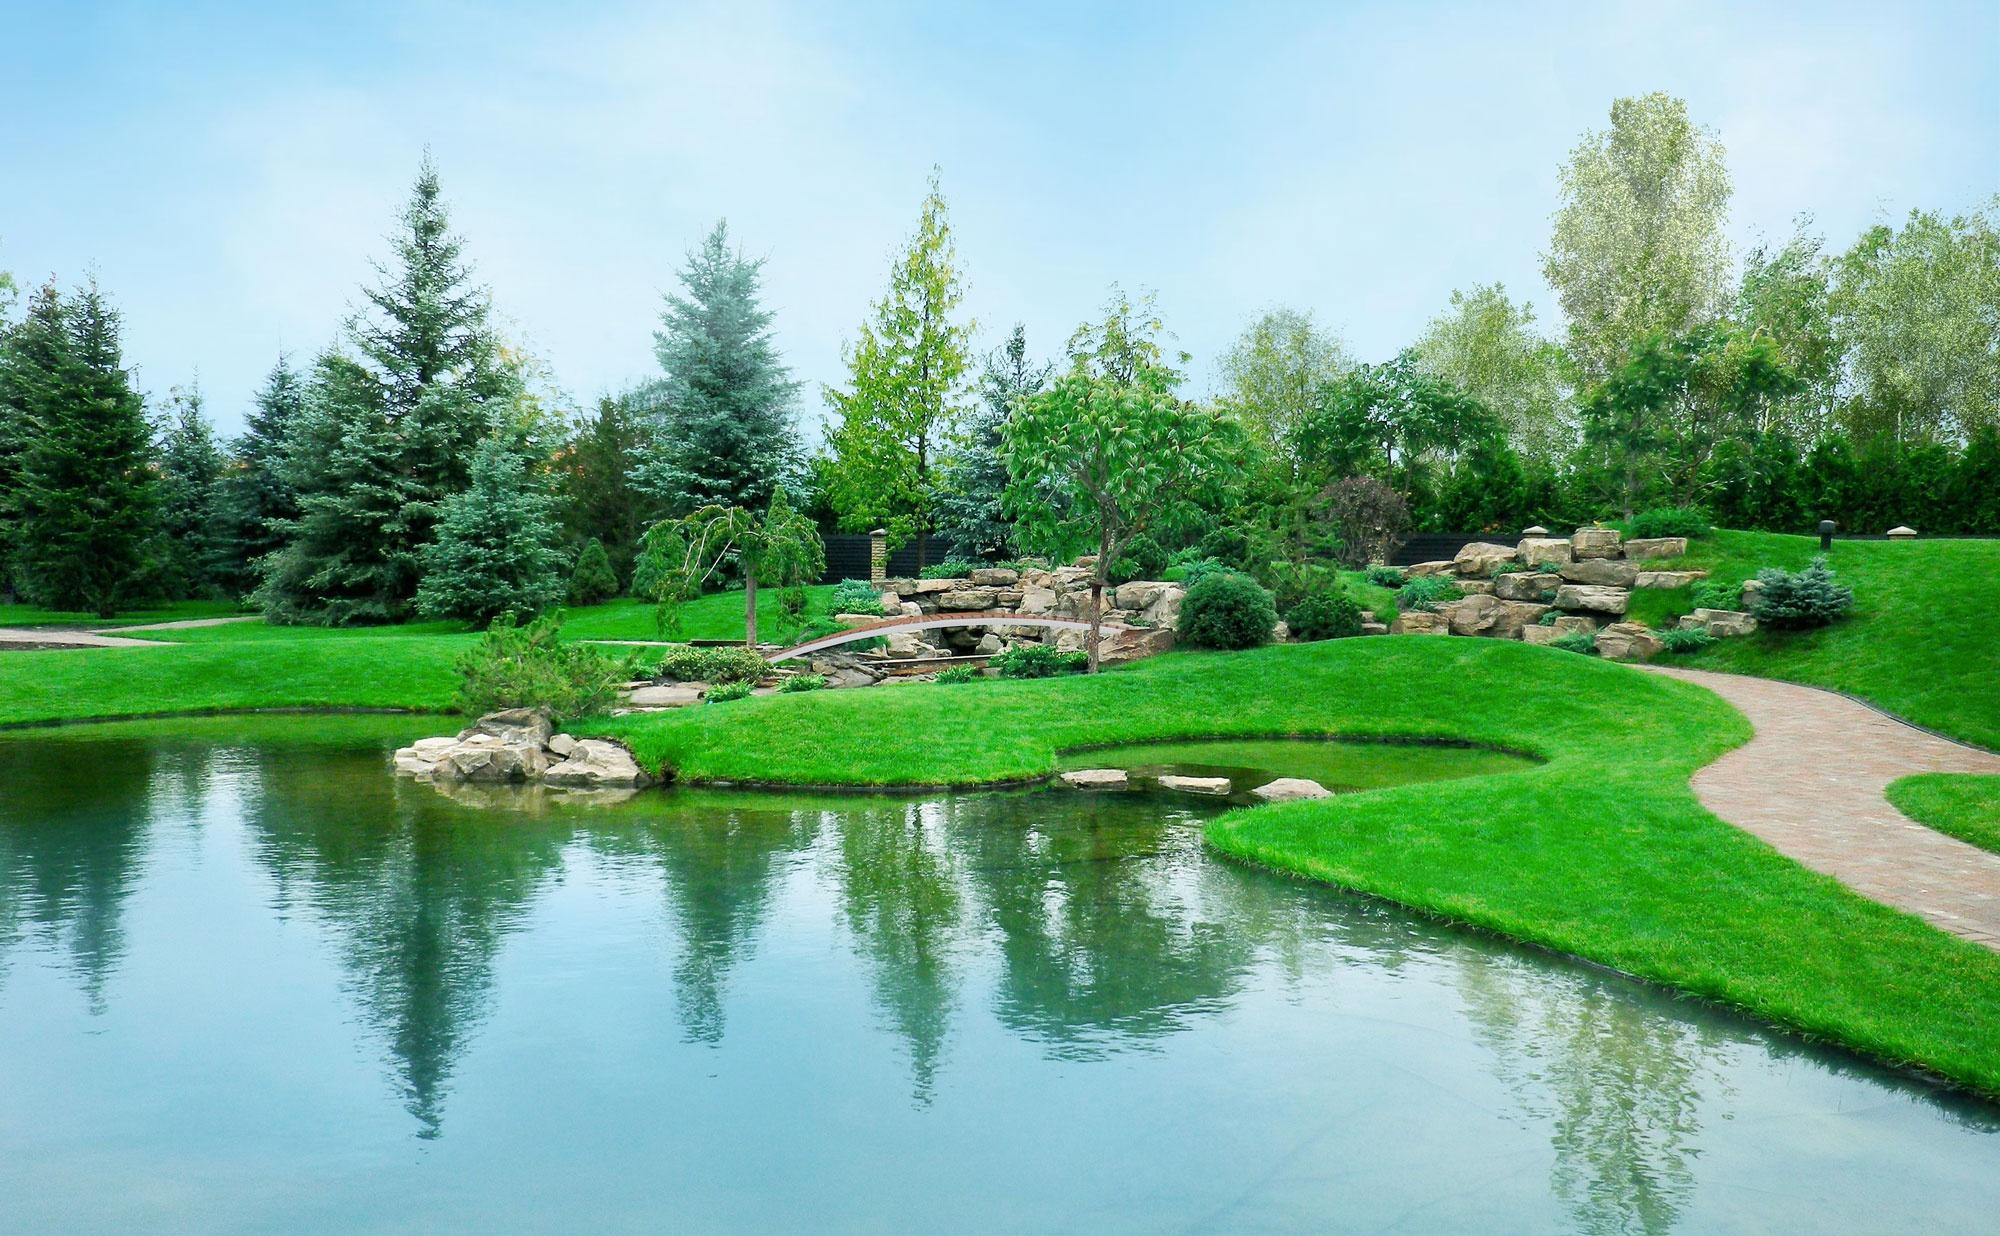 ландшафтный дизайн с озером фото всего